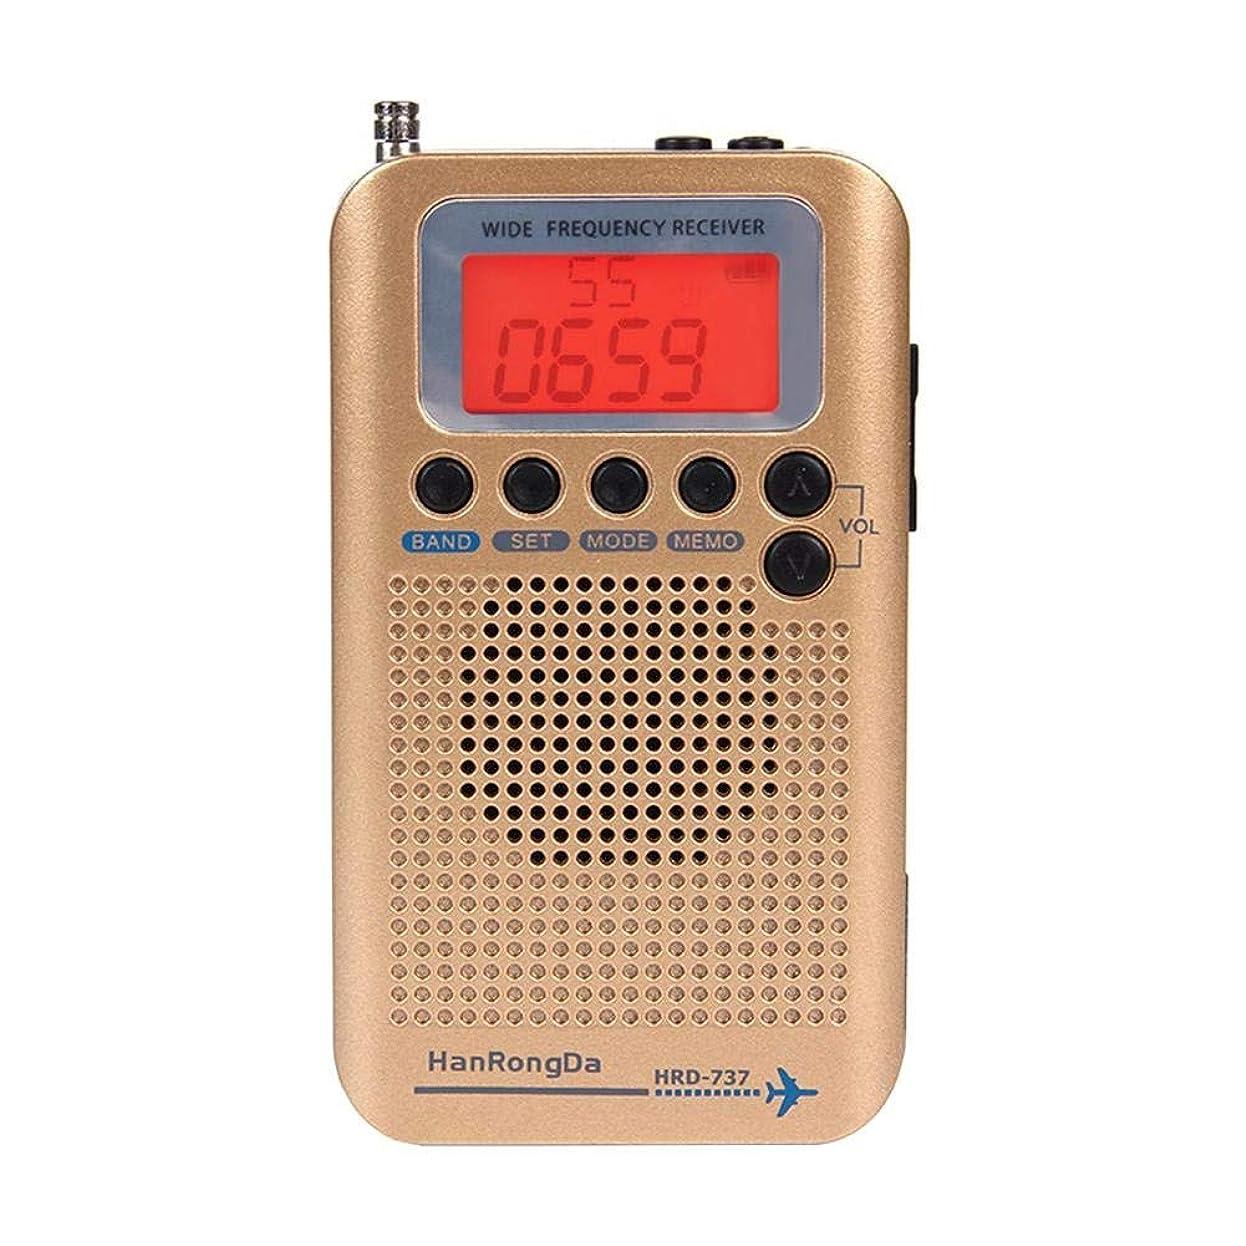 銅露出度の高い柔らかさMacrorunjp シンセサイザーラジオ レコーダー LCDスクリーン 目覚まし時計 便携 ステレオ FM/AM/SW/VHFに対応 ゴールド